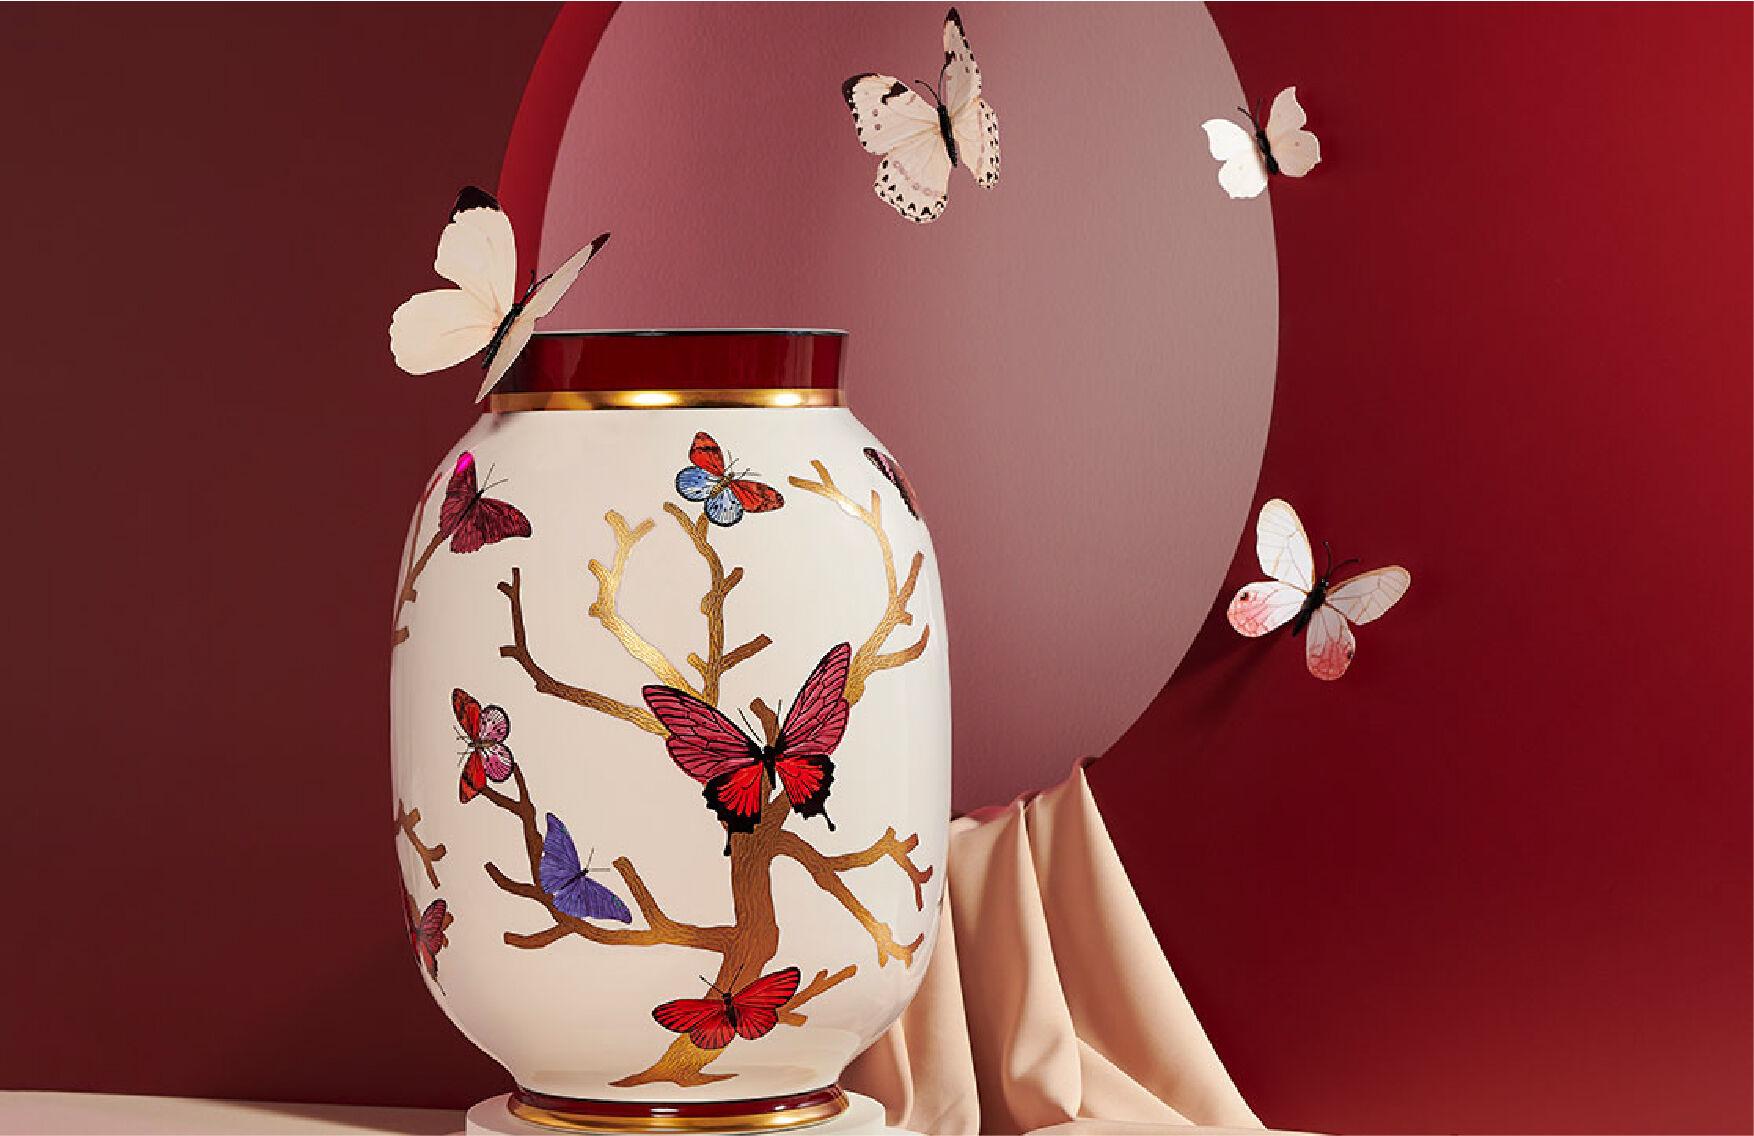 Aux Papillons Vase by Bernardaud